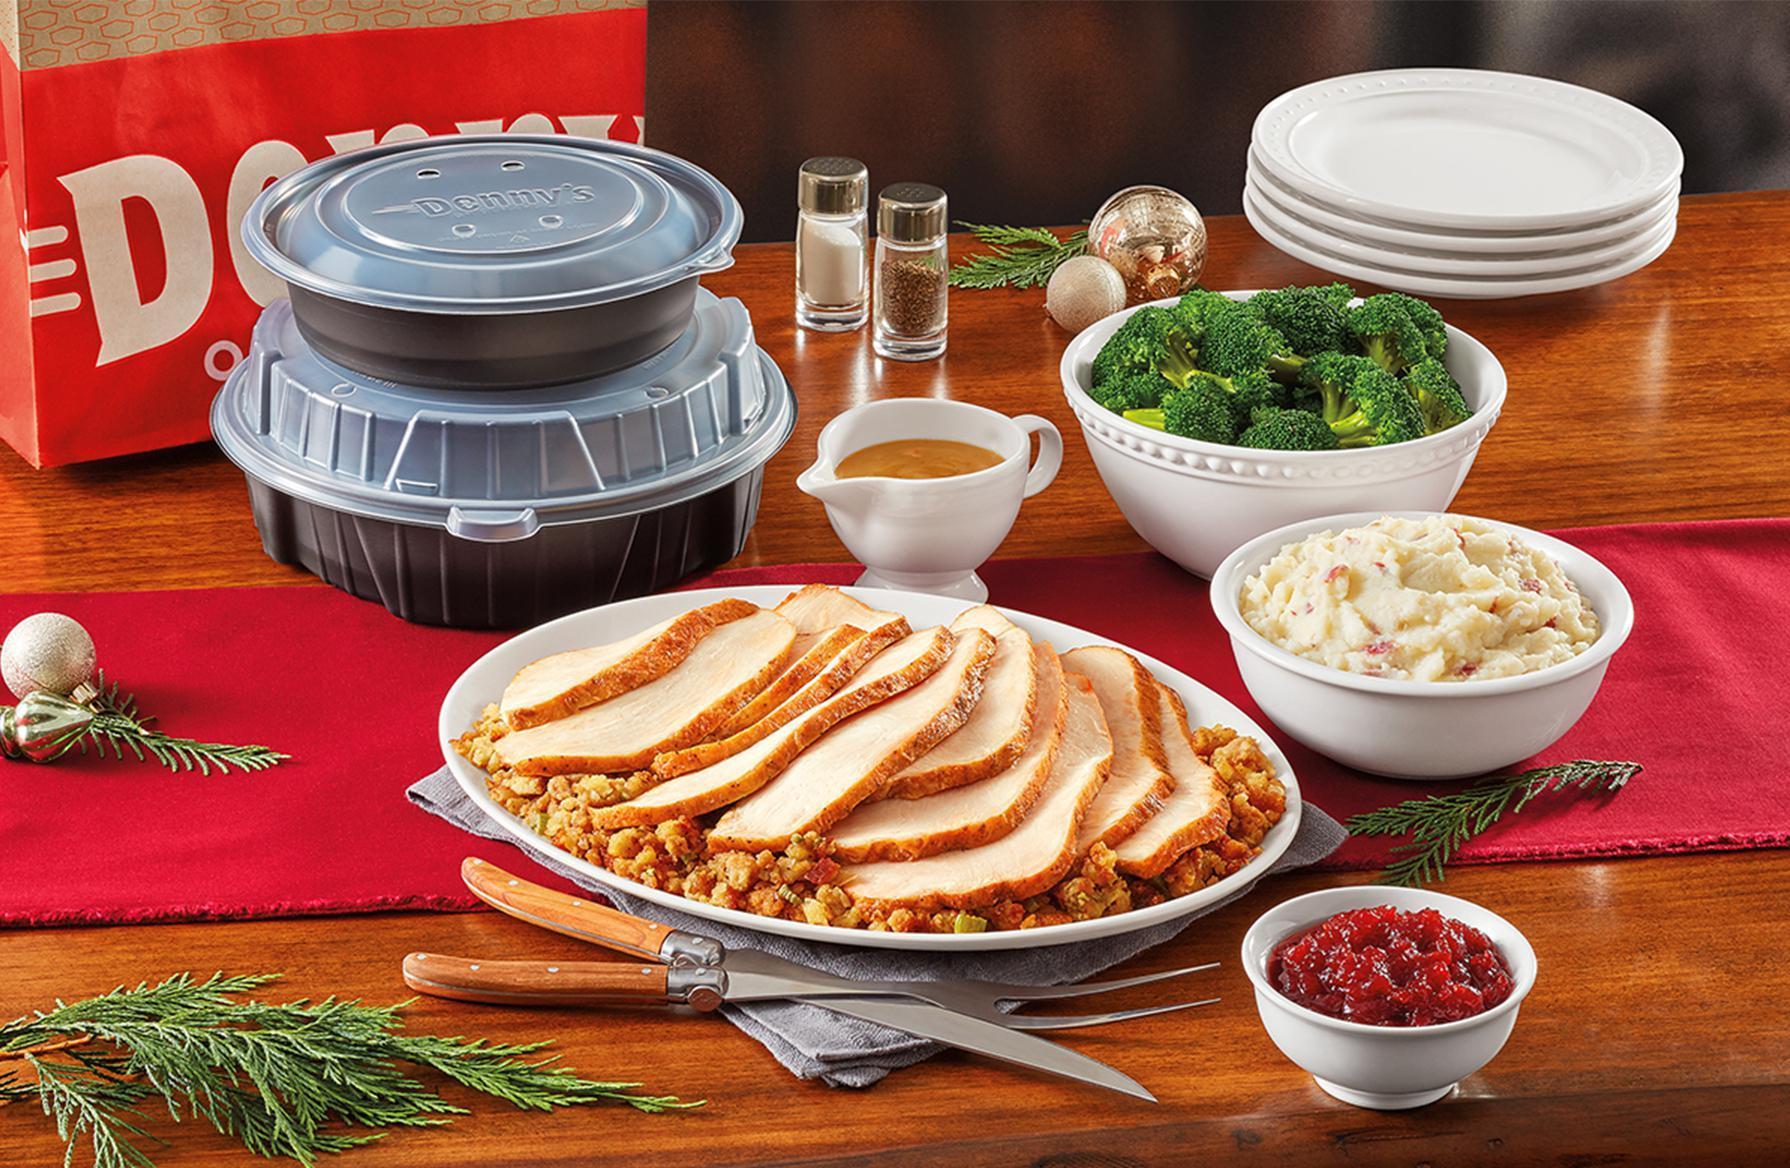 Restaurant Thanksgiving Dinner  19 Chain Restaurants Serving Thanksgiving Dinner Gallery